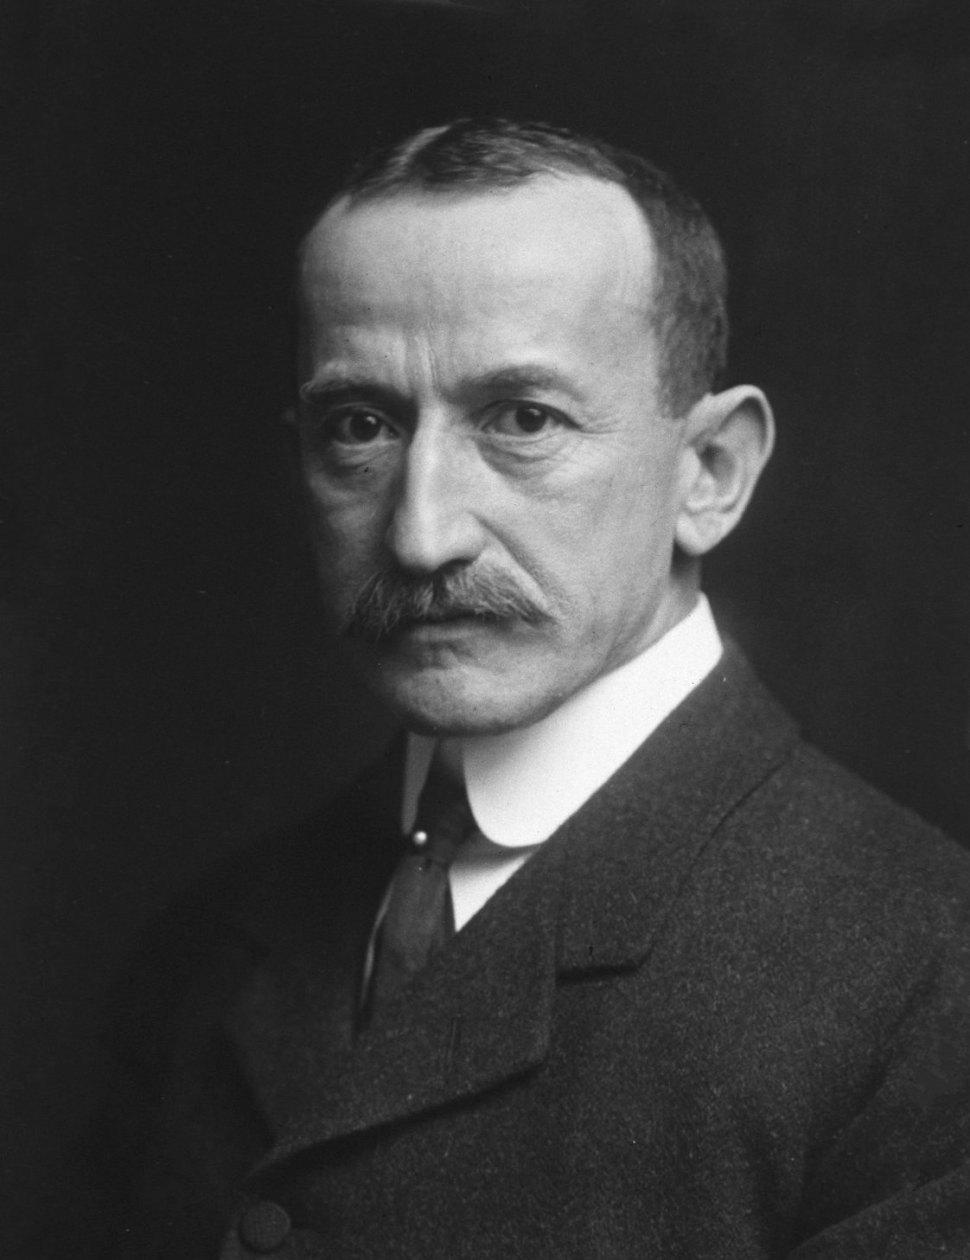 El médico oculista Karl Koller nació en 1857 y murió en 1944 en Nueva York (Alman Co., New York Dominio público)